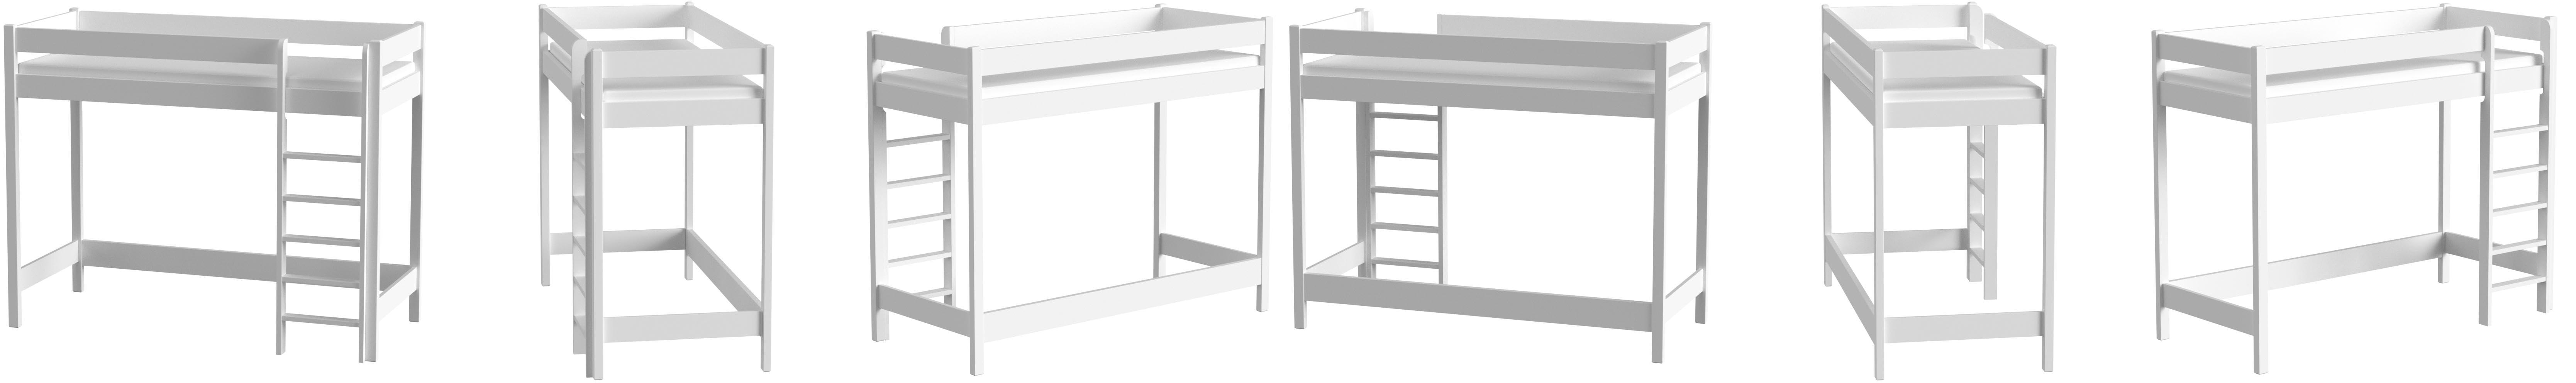 Childrens Beds Home Letti a soppalco per Bambini Bambini Junior Senza Materasso Incluso 140x70, Bianco